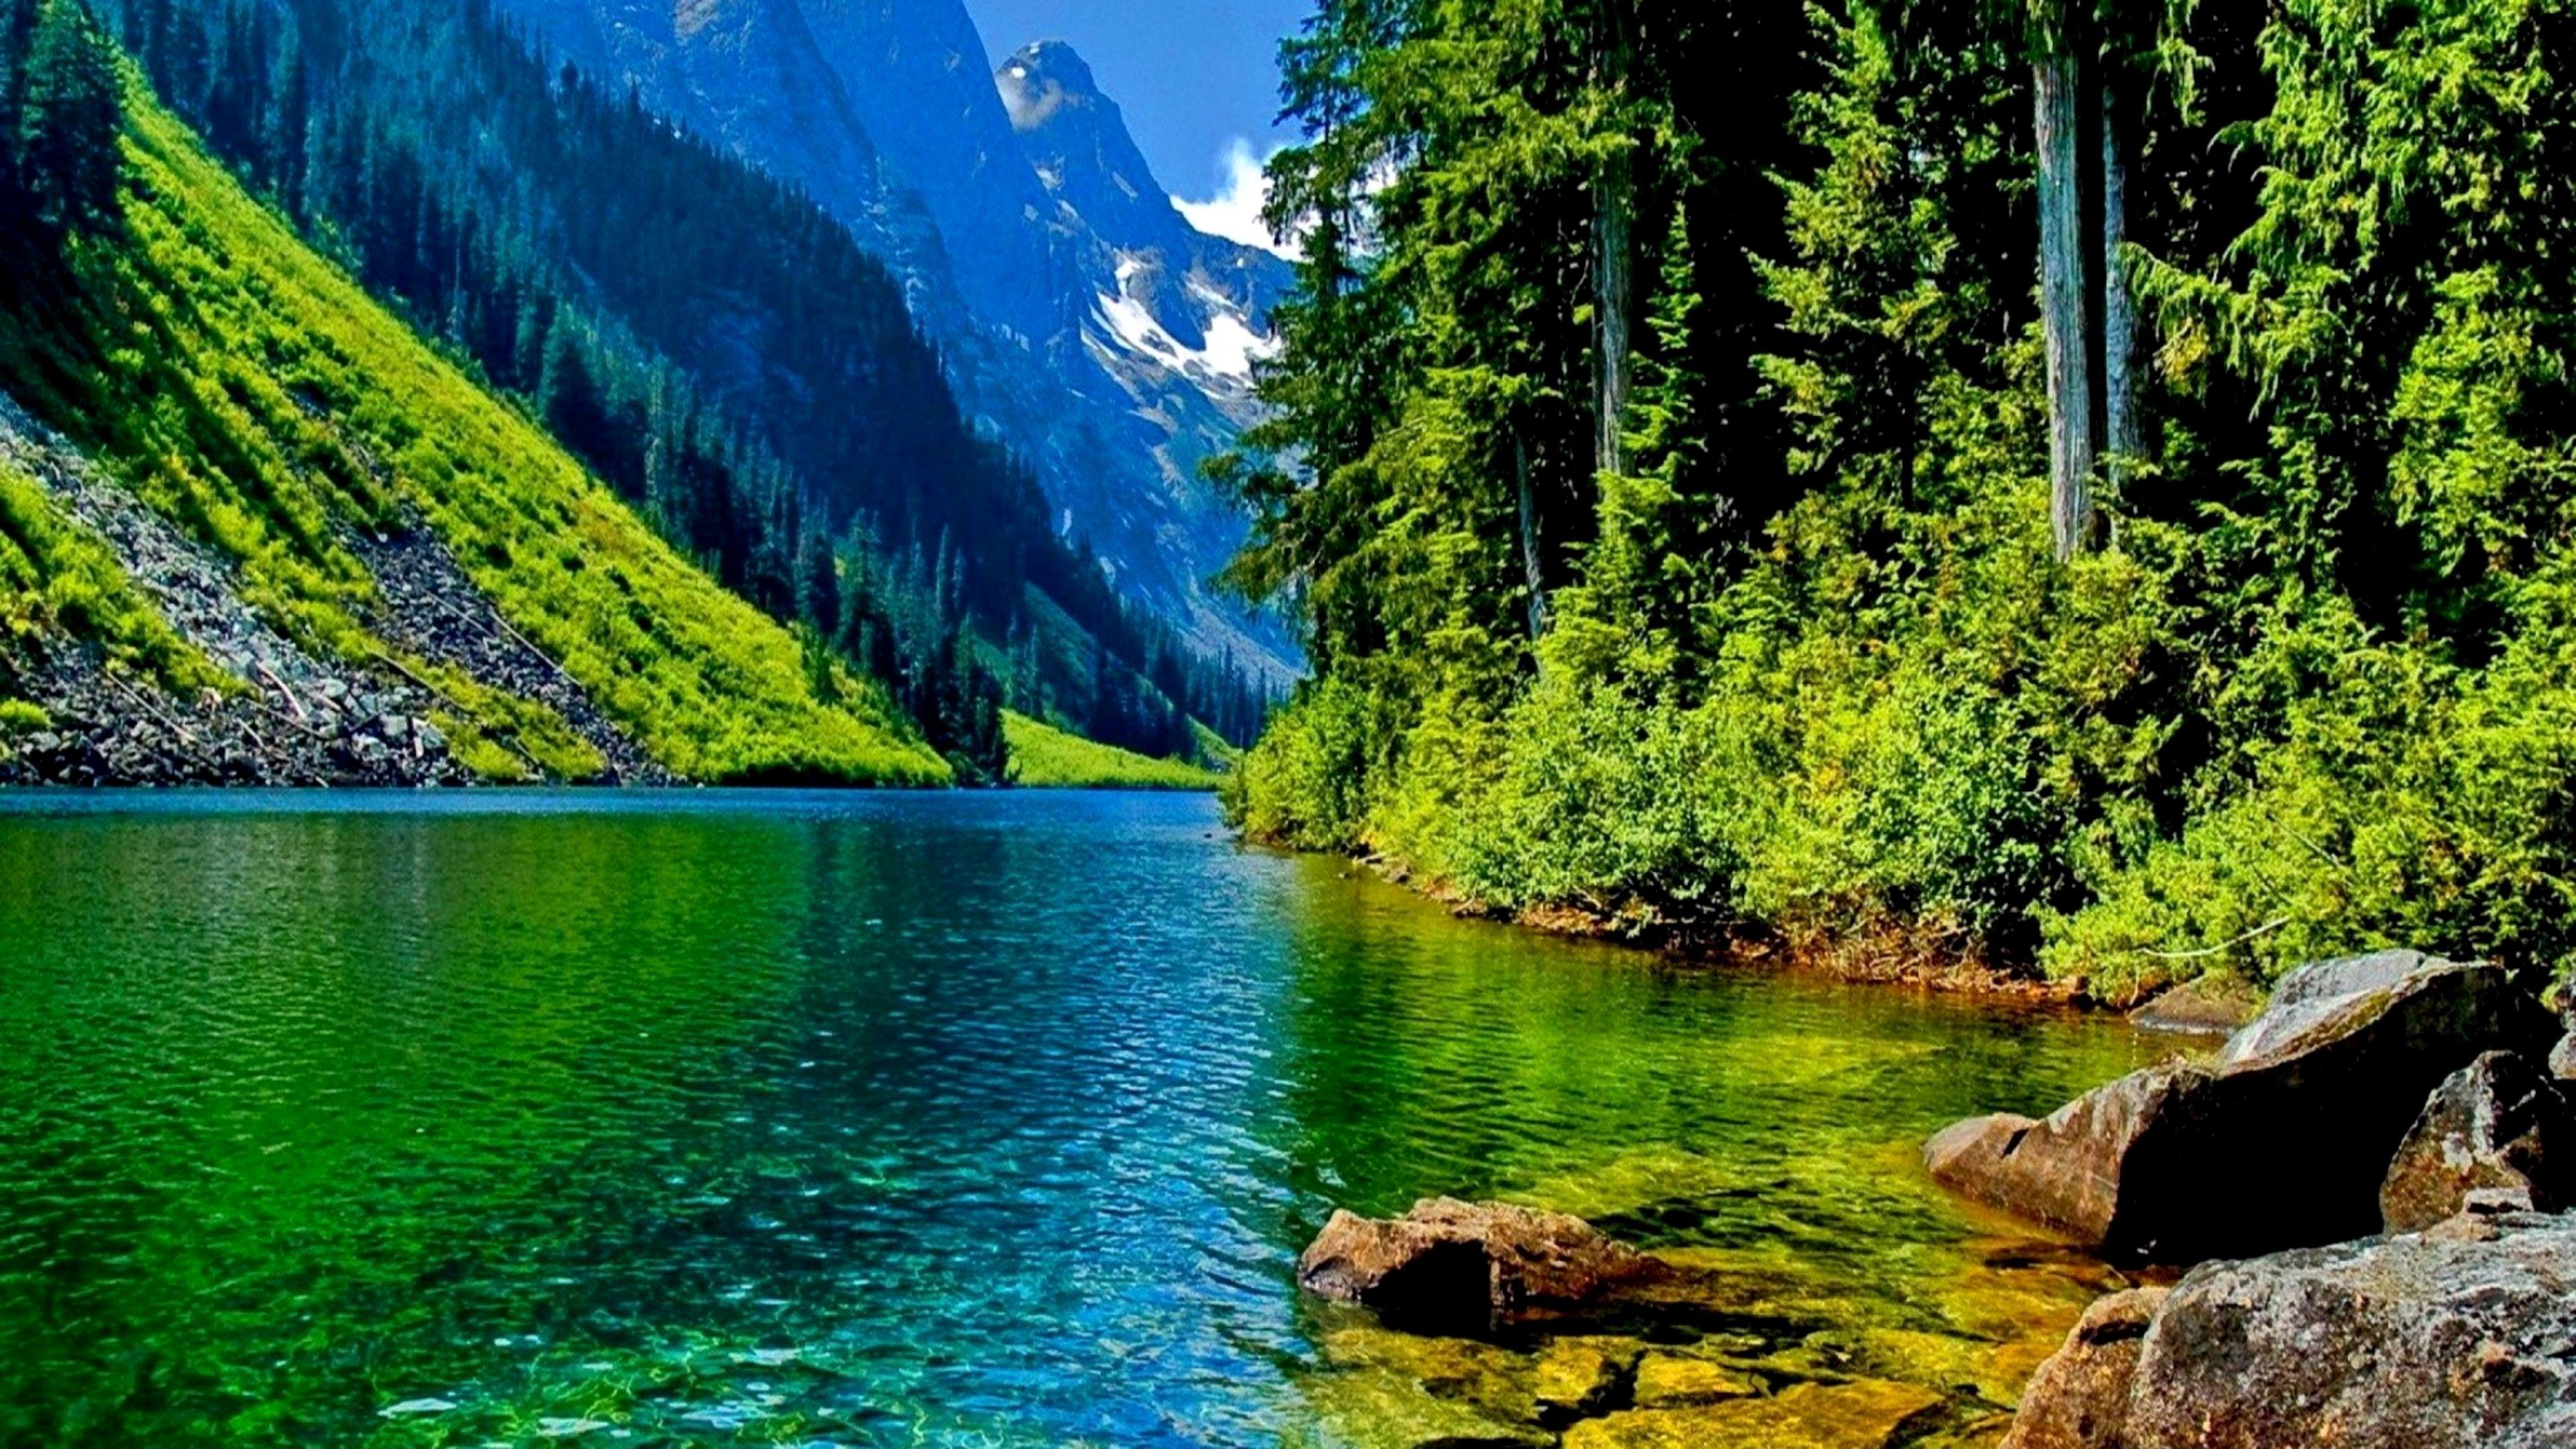 Wallpaper 4k Nature Download Trick Pemandangan Lanskap Danau